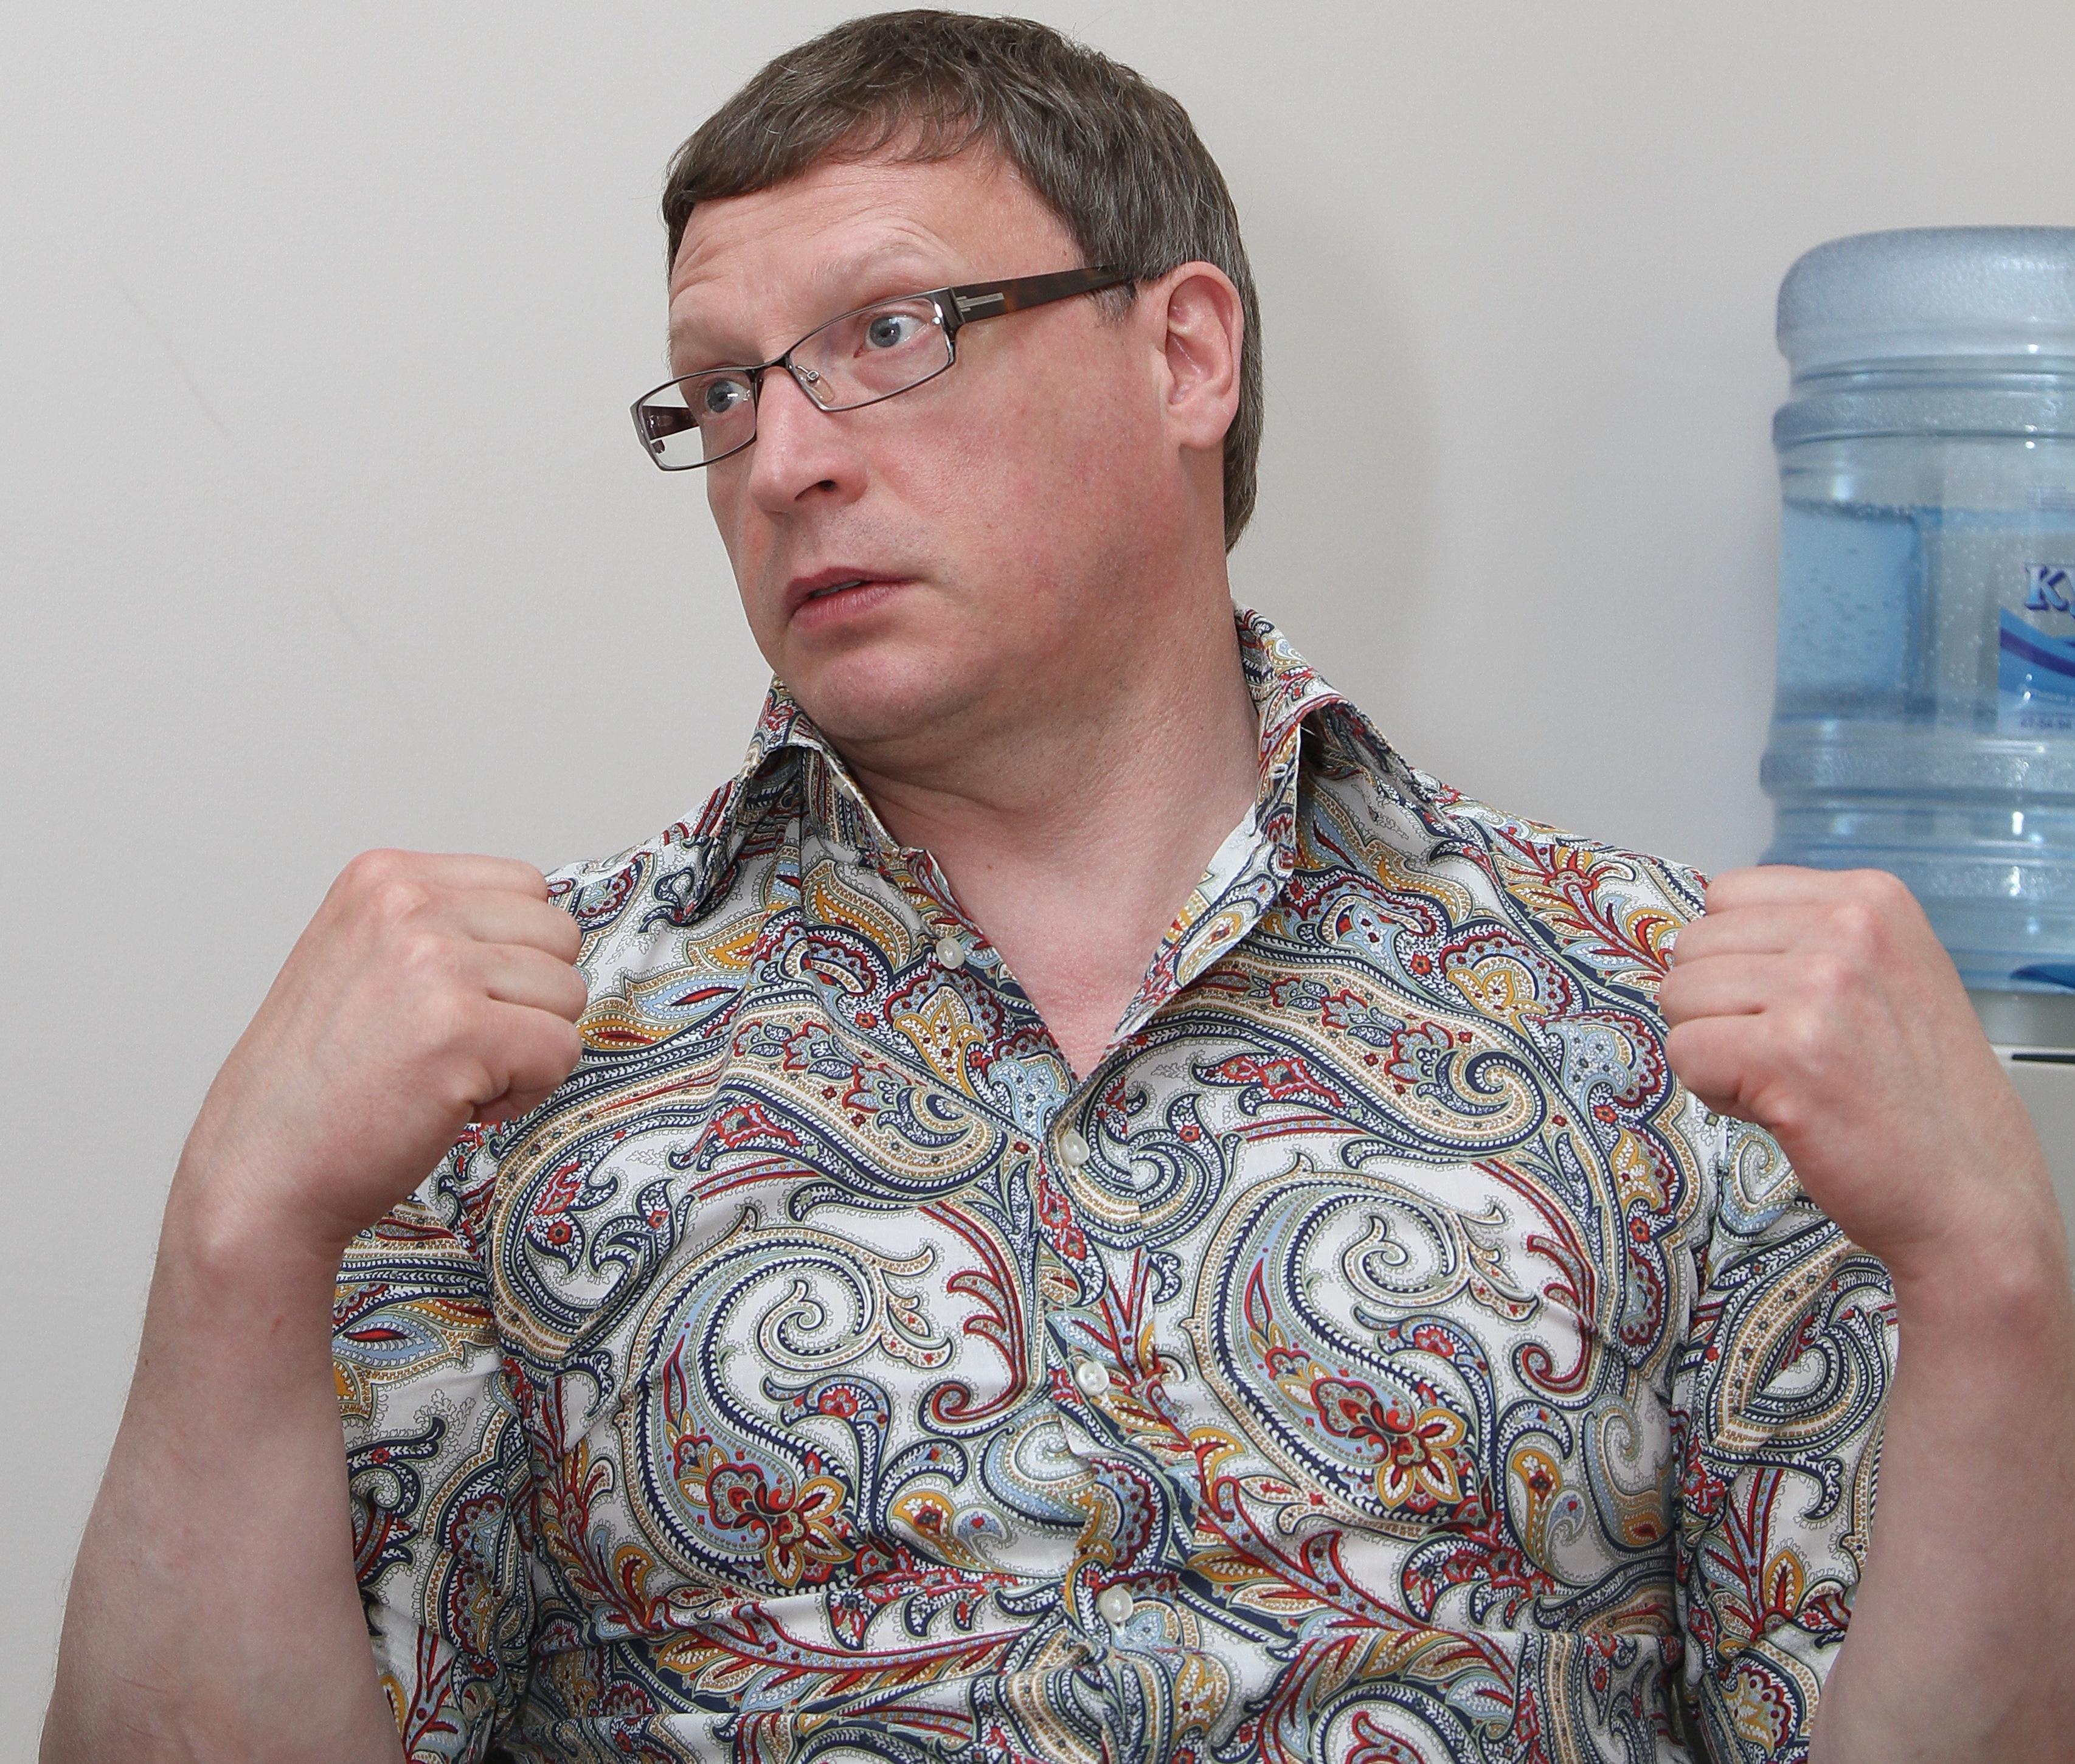 Александр Бурков: «Есть два кандидата: я и Силин. Остальные — спойлеры»